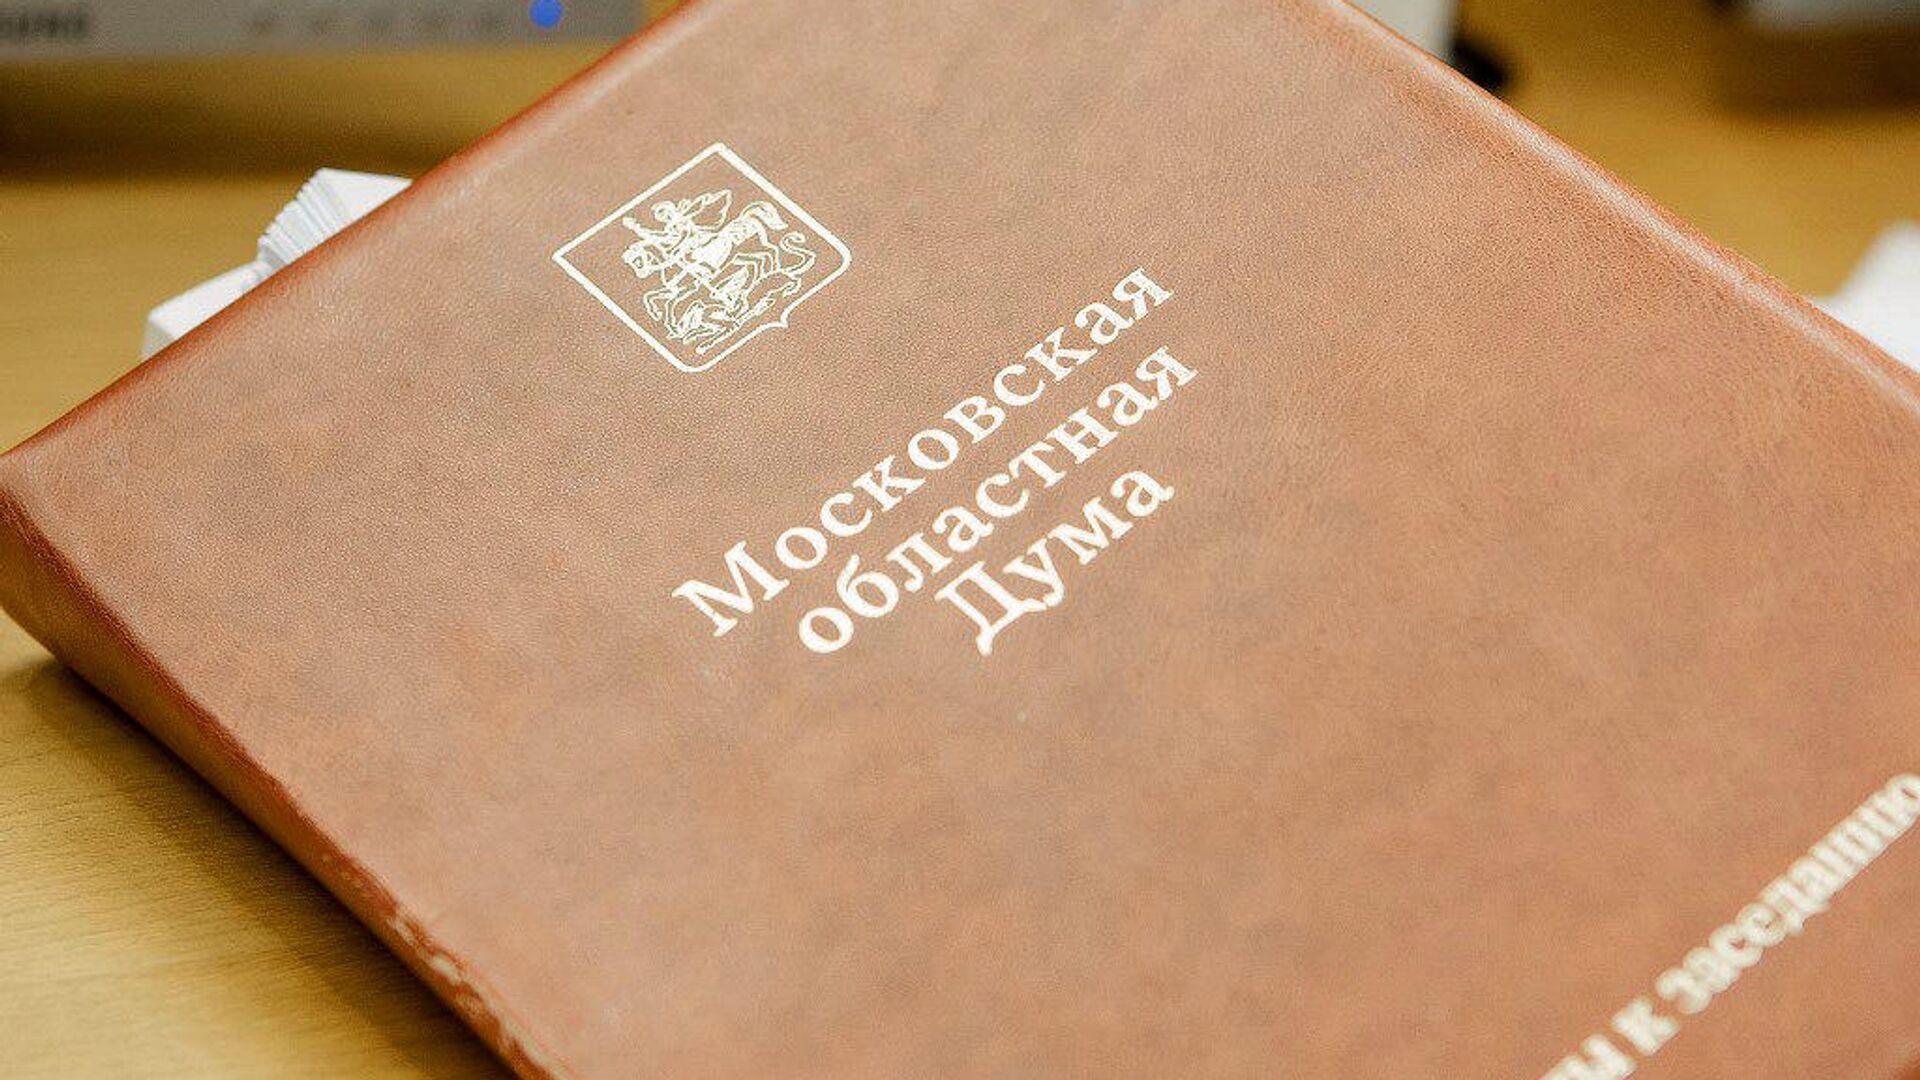 Папка с документами на заседании Мособлдумы - РИА Новости, 1920, 20.12.2019